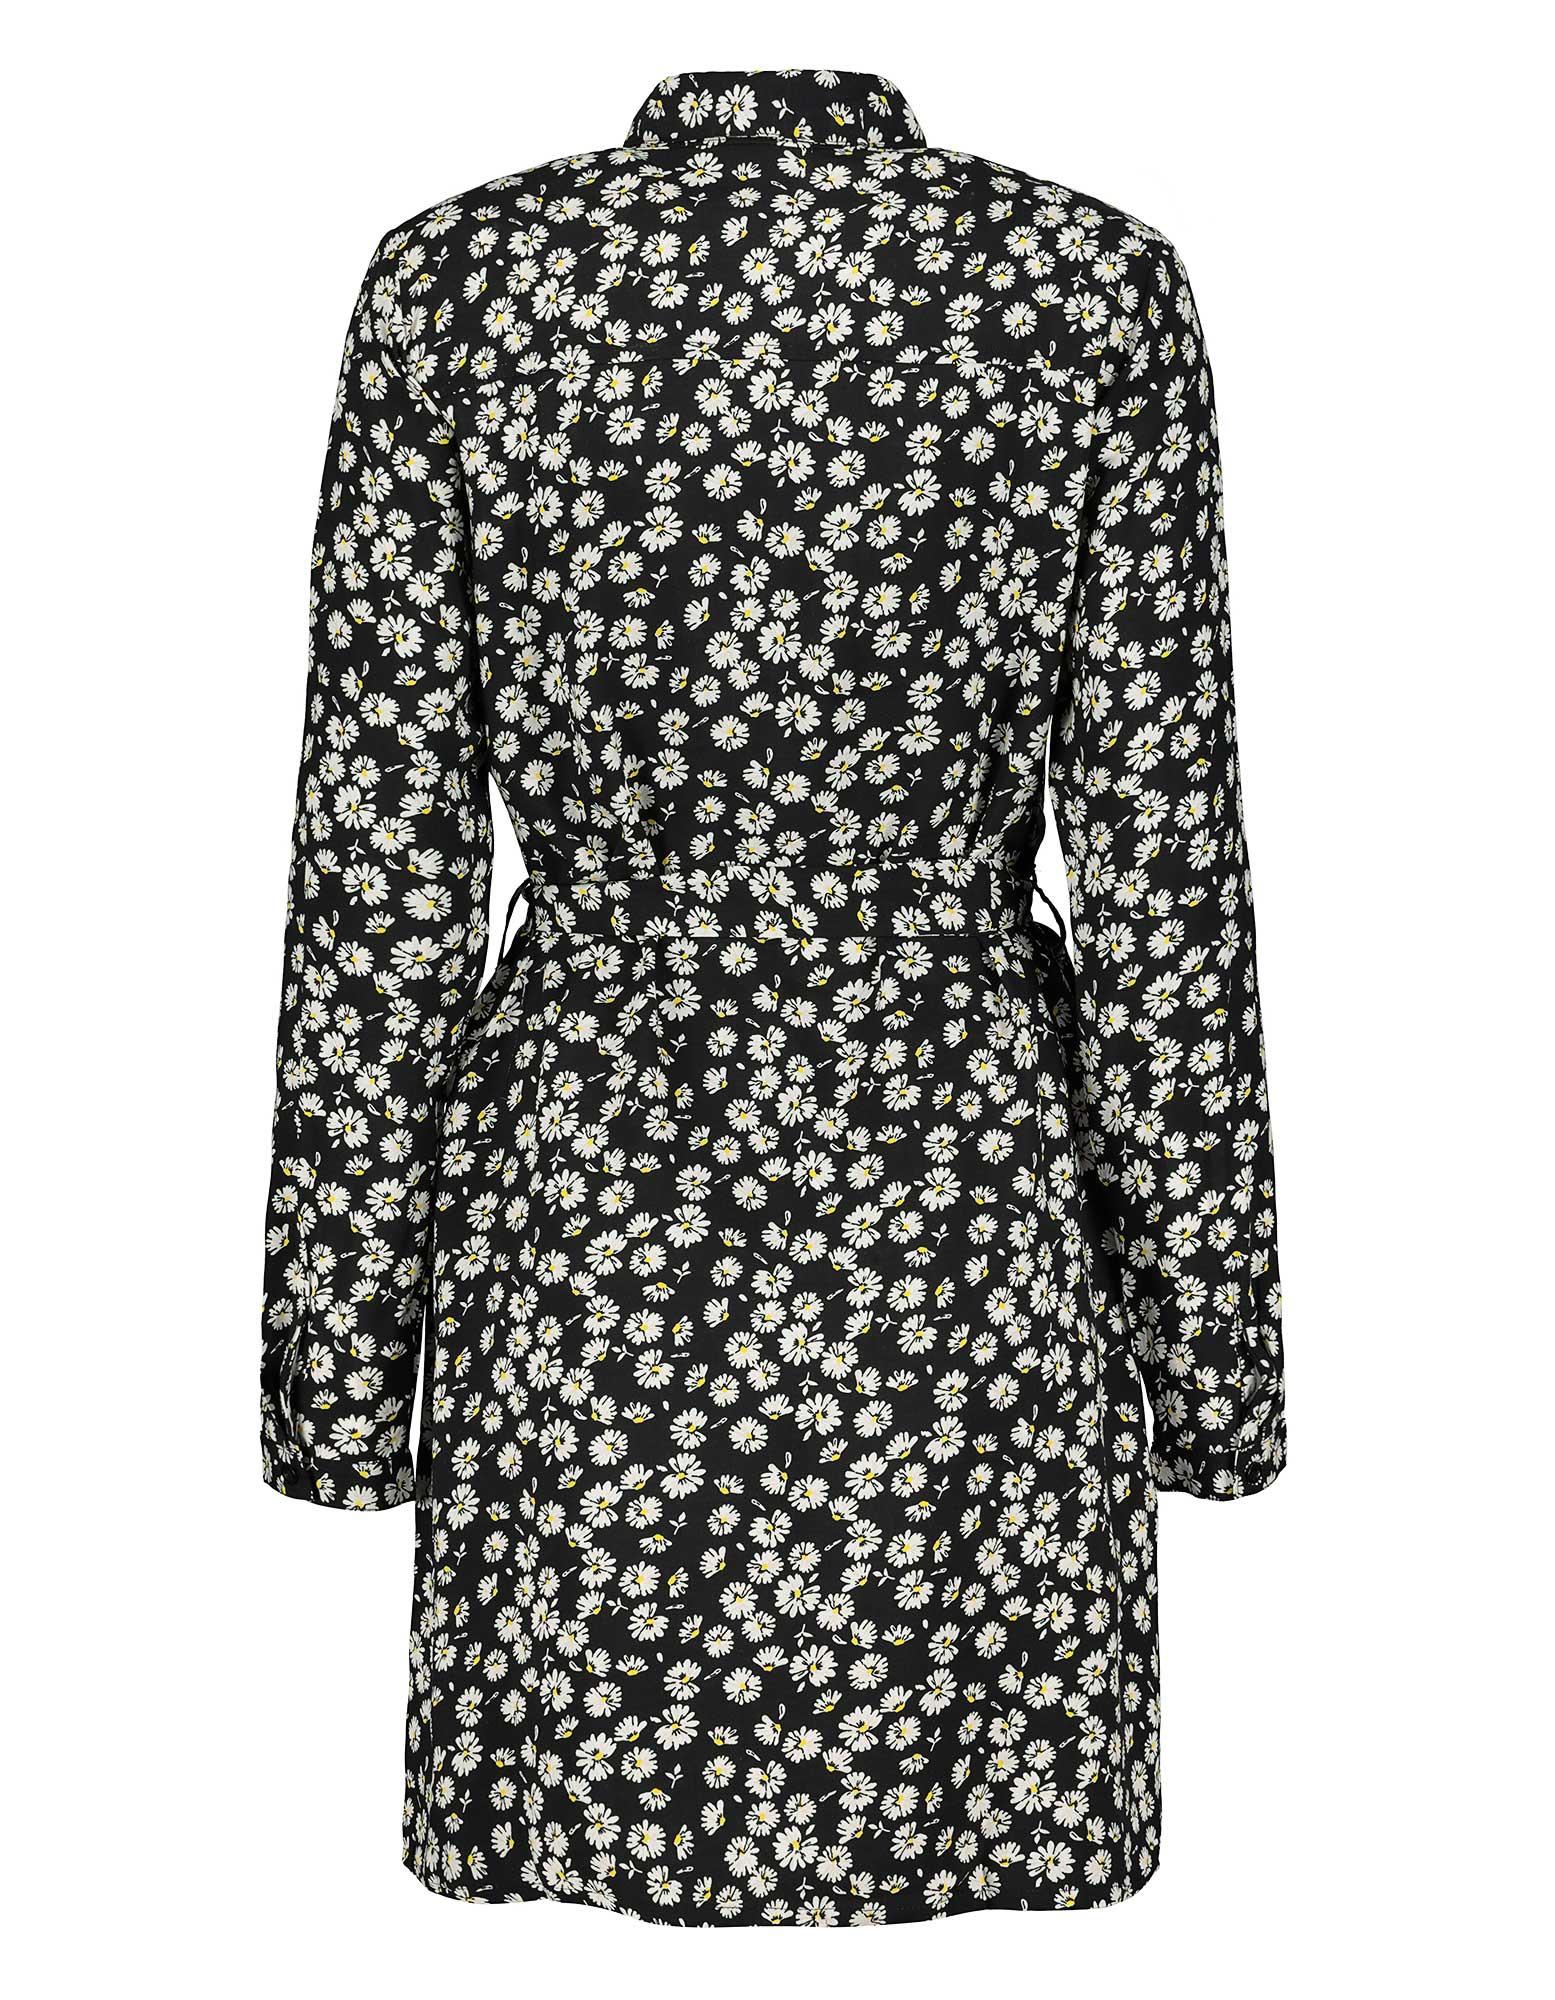 Damen Kleid Aus Viskose  Takko Fashion